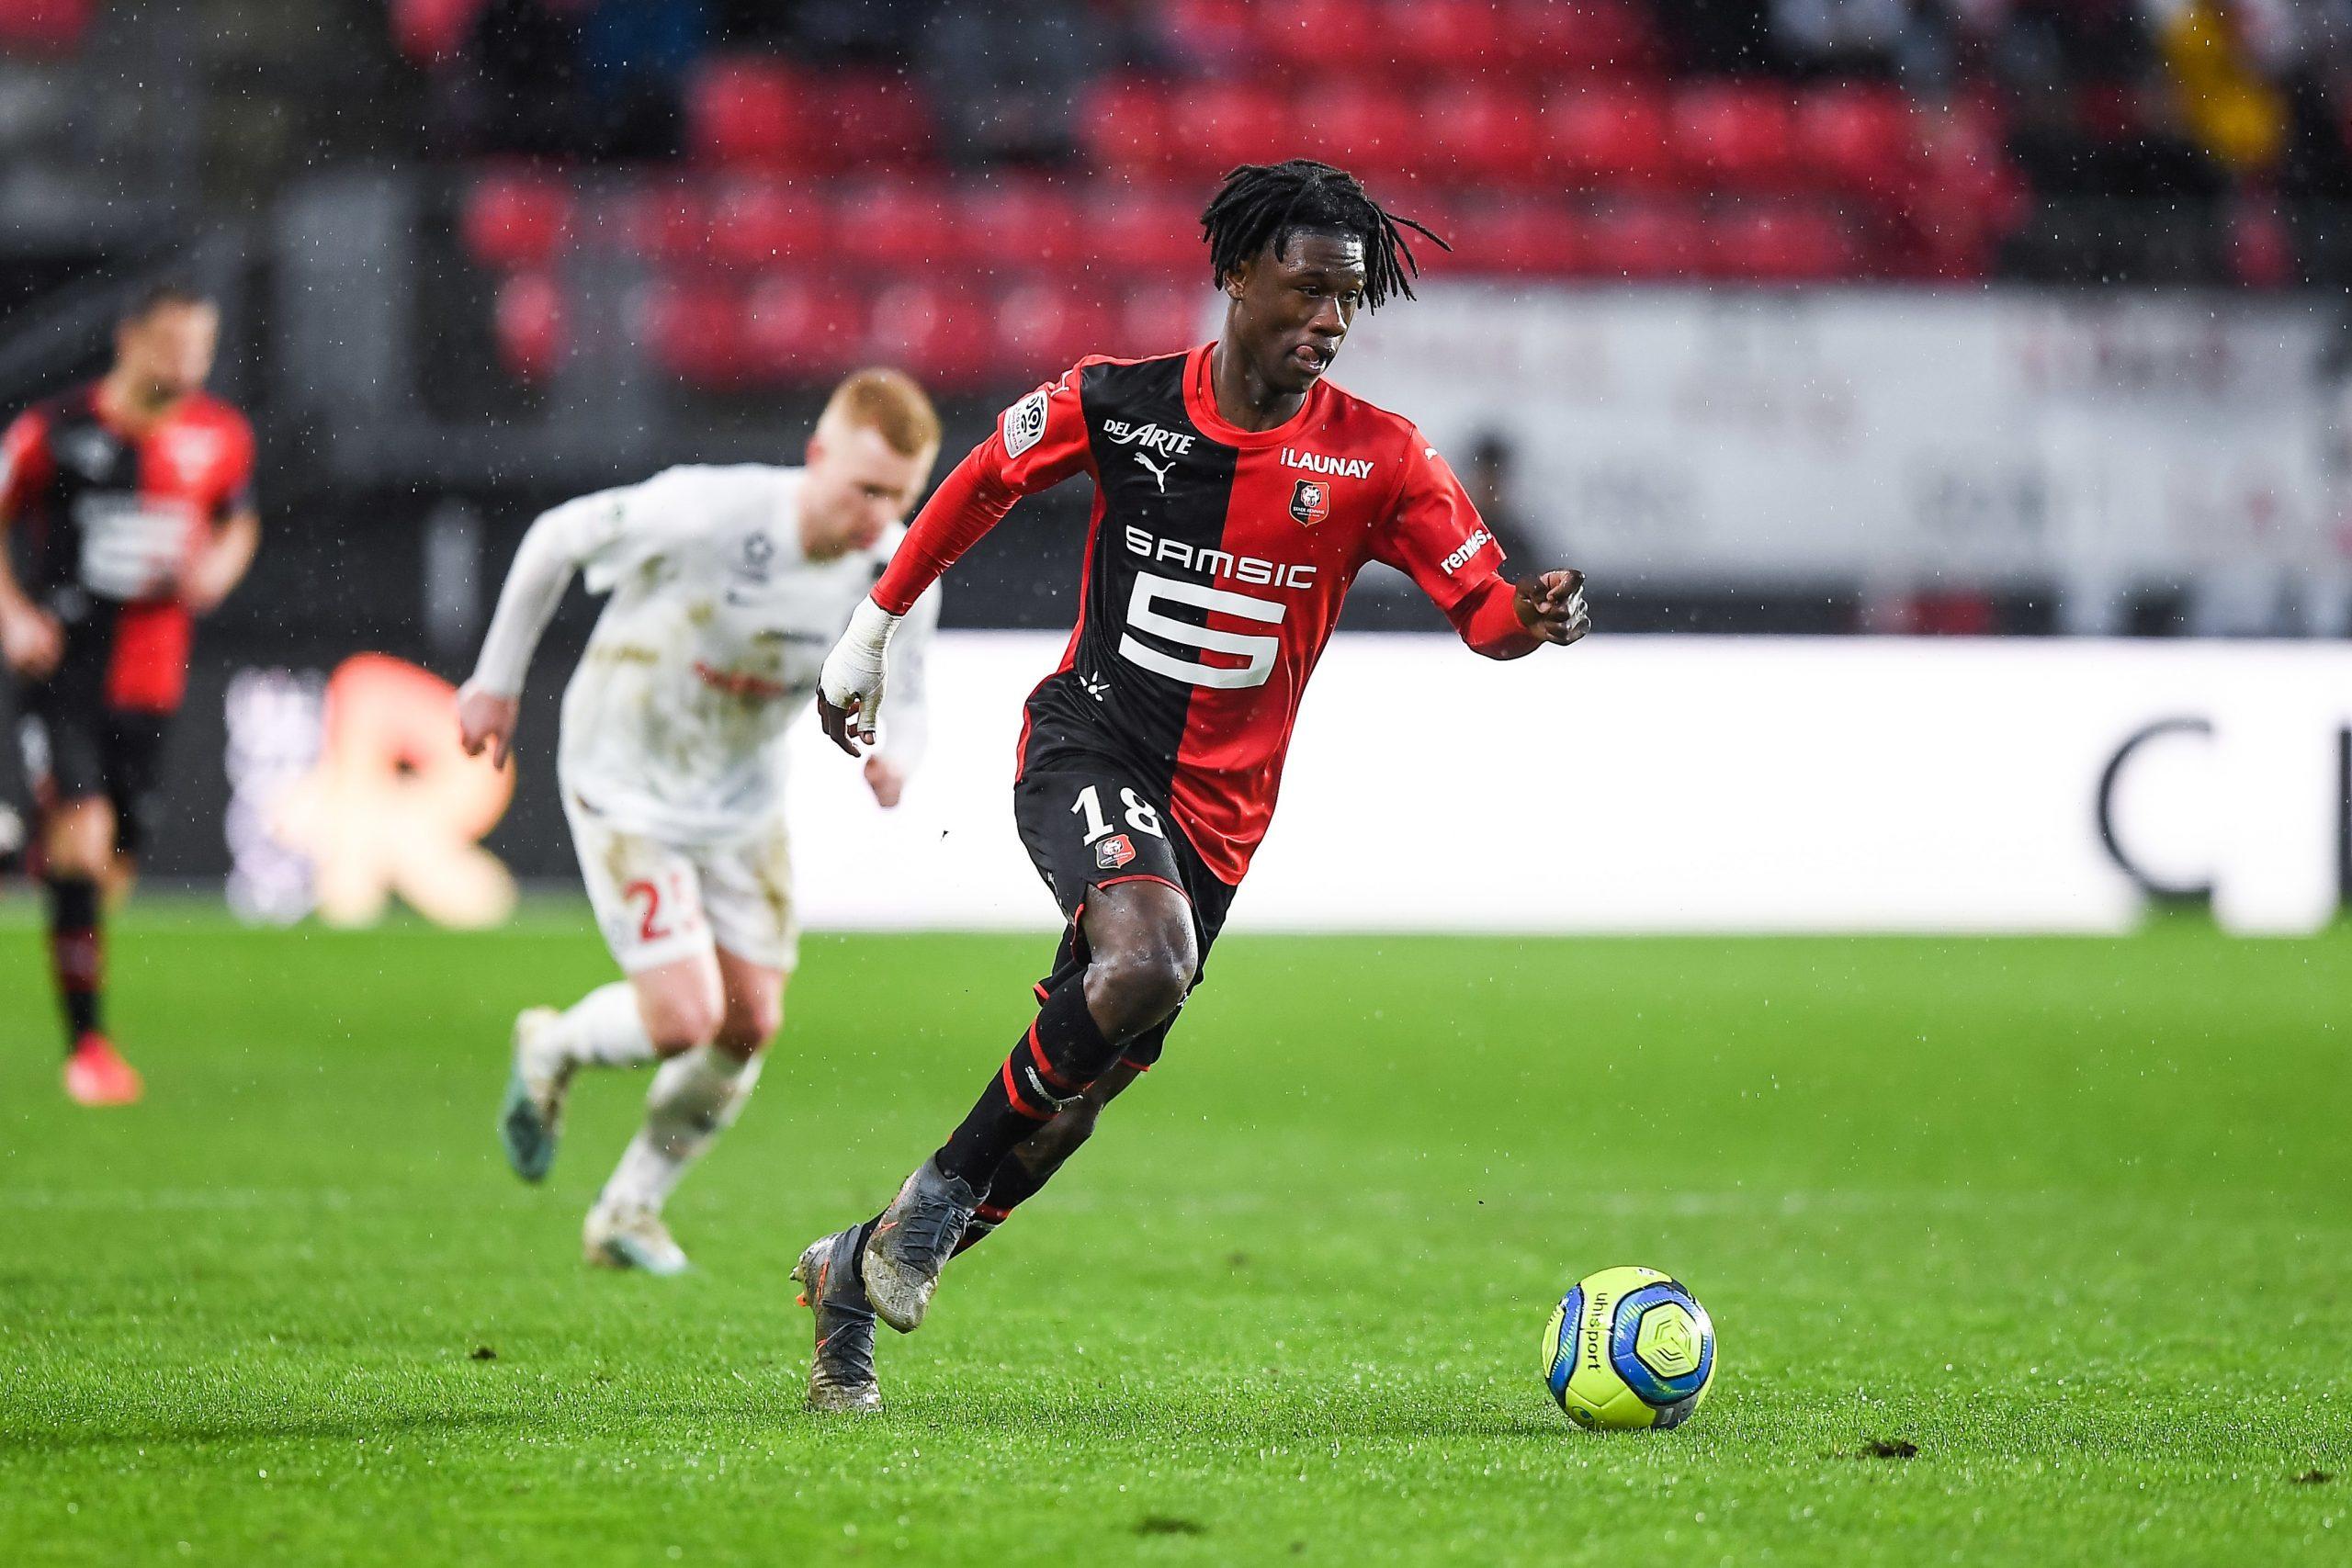 """Mercato - Camavinga veut quitter Rennes """"avec l'espoir de rallier le PSG"""", selon L'Equipe"""